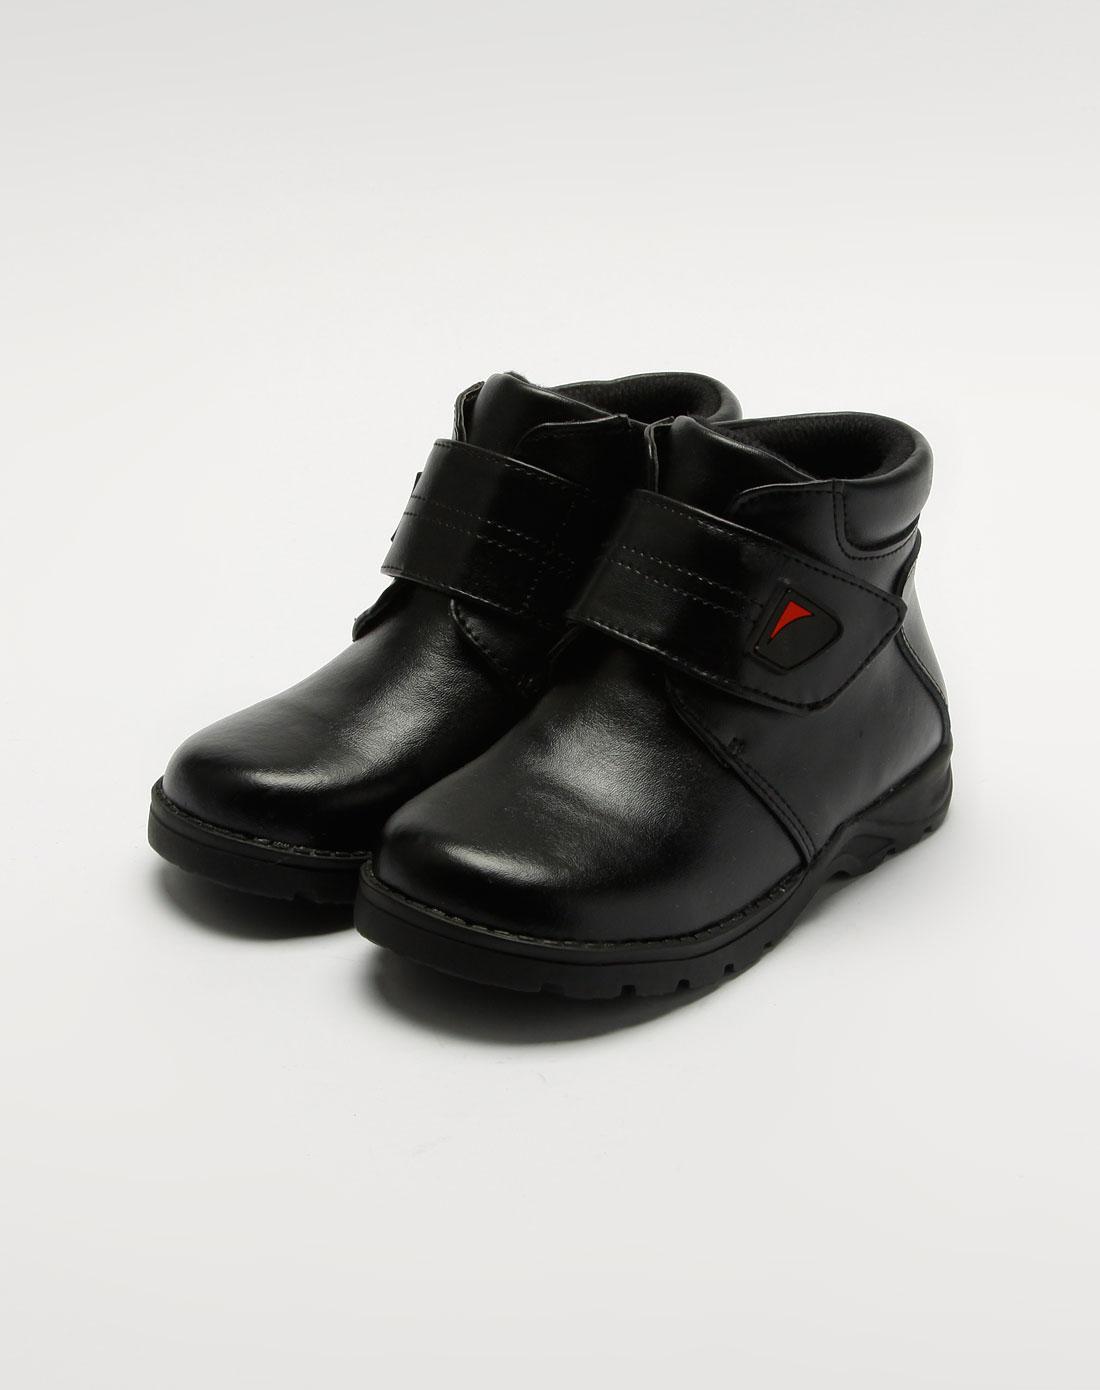 童鞋专场斯乃纳 男童黑色低帮休闲皮鞋